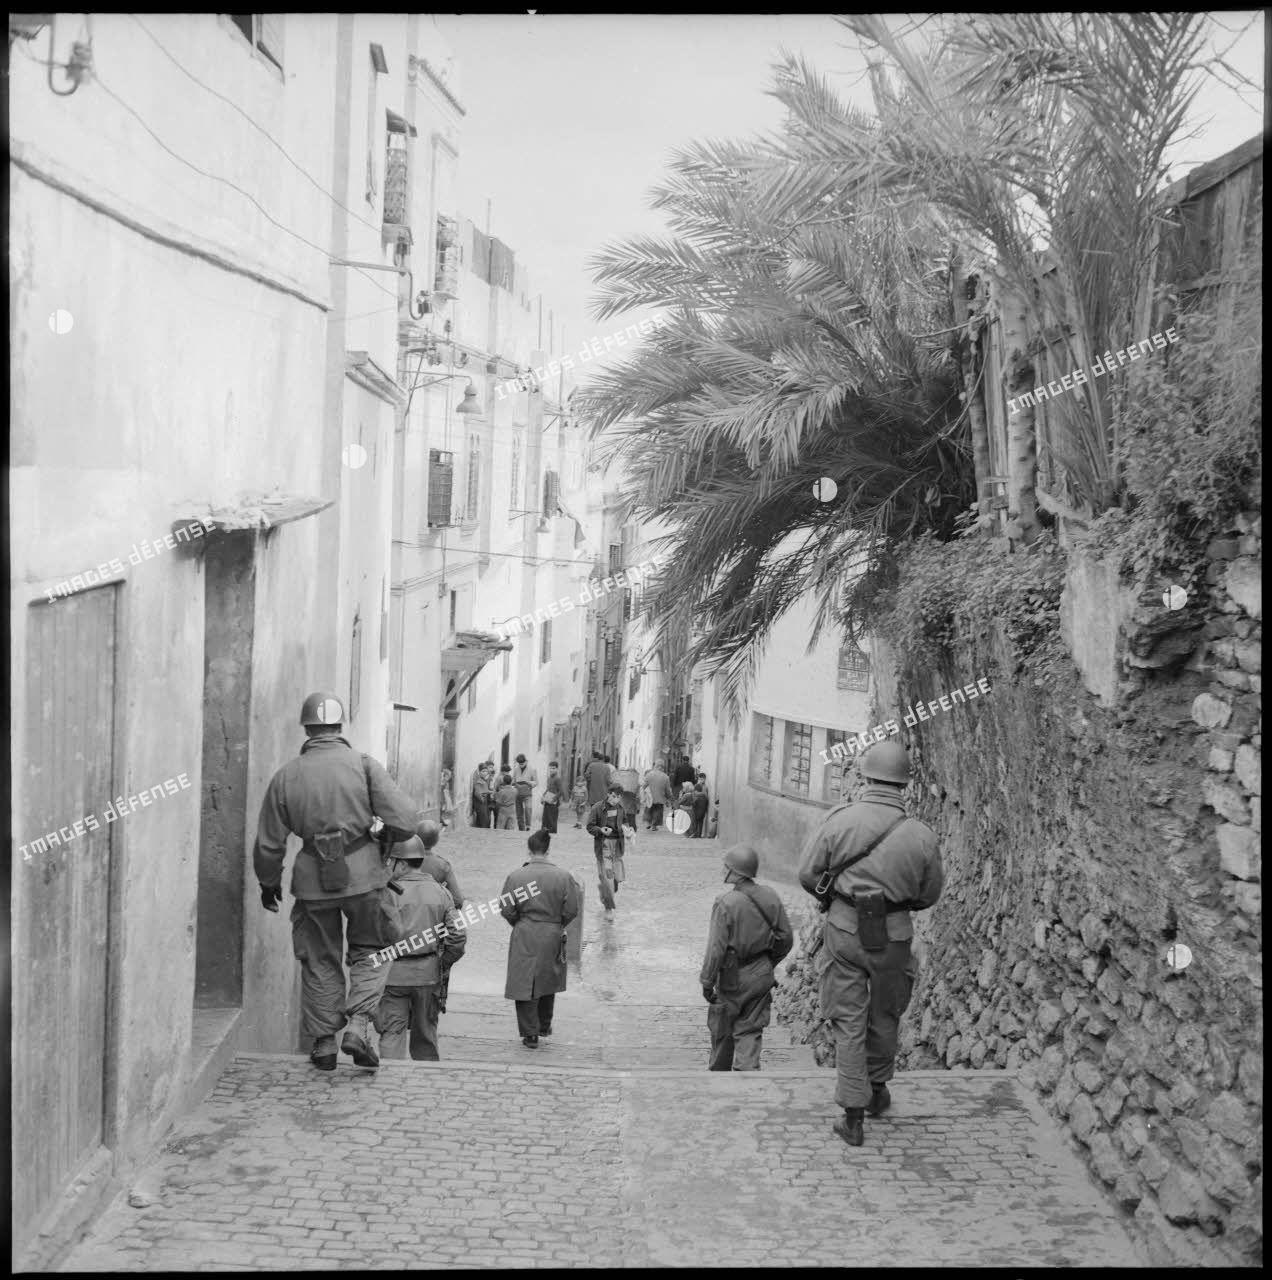 Opération de police dans la casbah d'Alger.